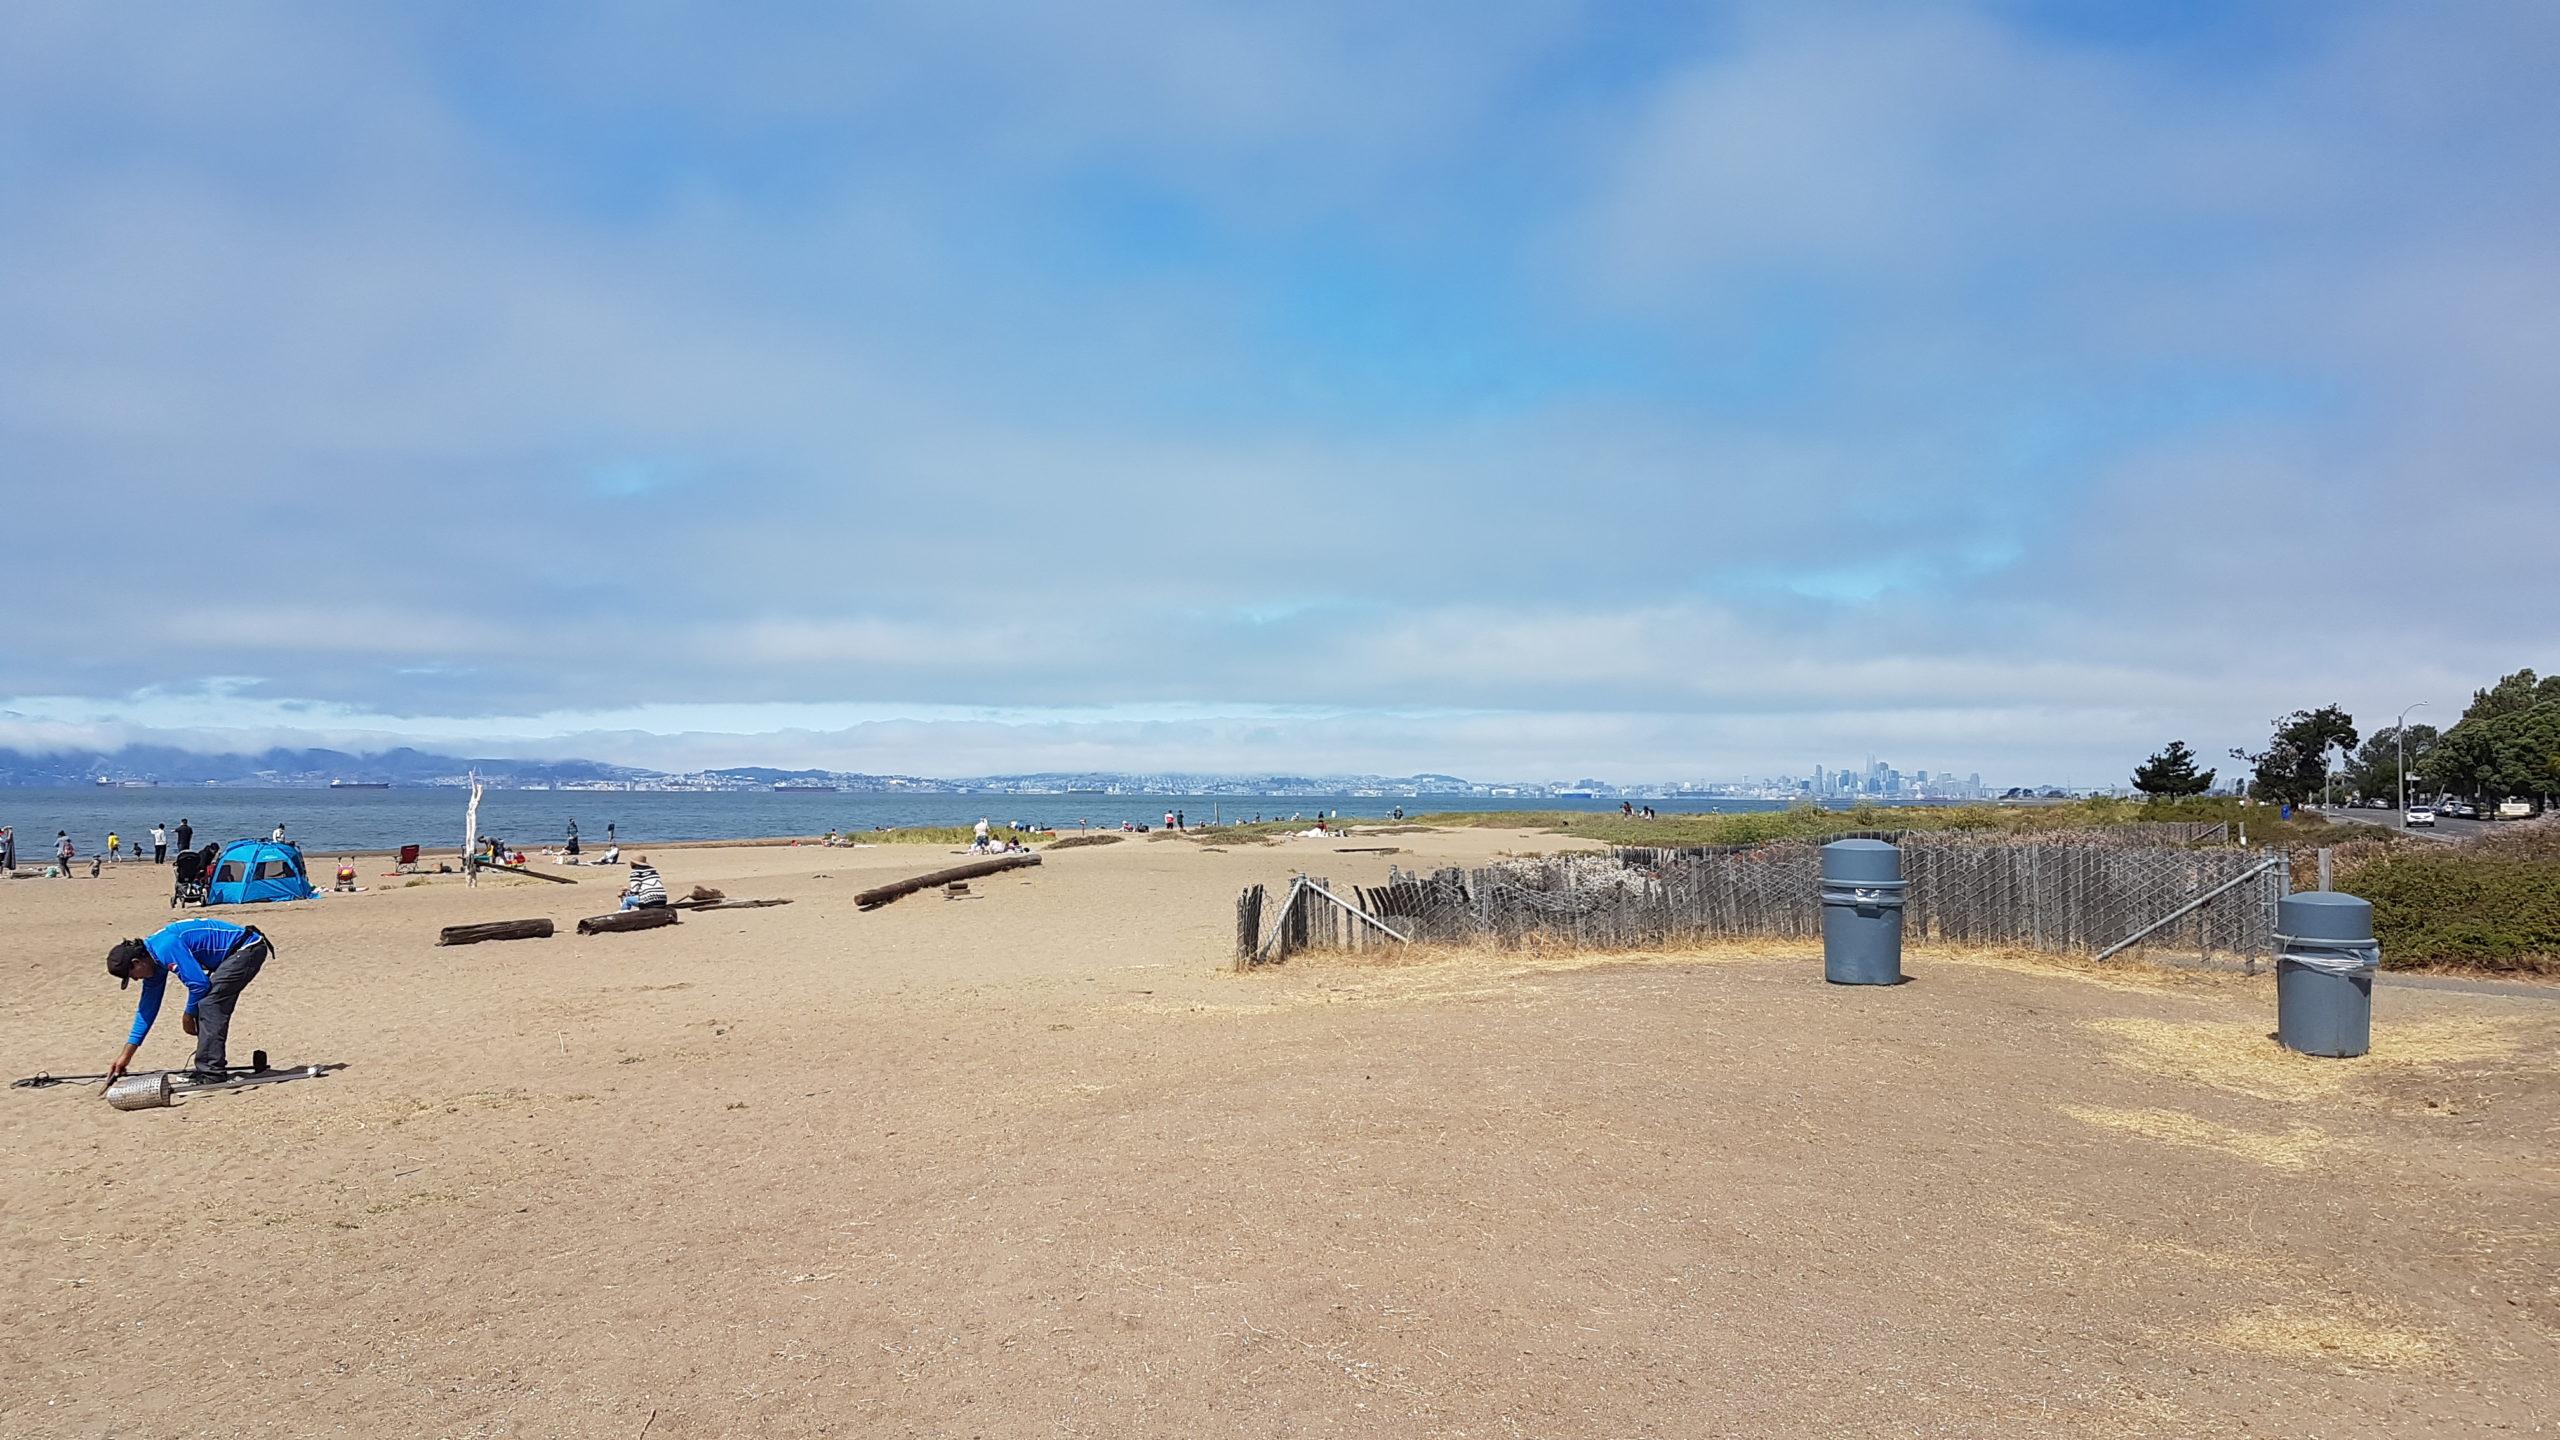 En ce moment à Oakland (et donc aussi visiblement Alameda), les nuage ne se dissipent vraiment qu'en début d'après-midi.